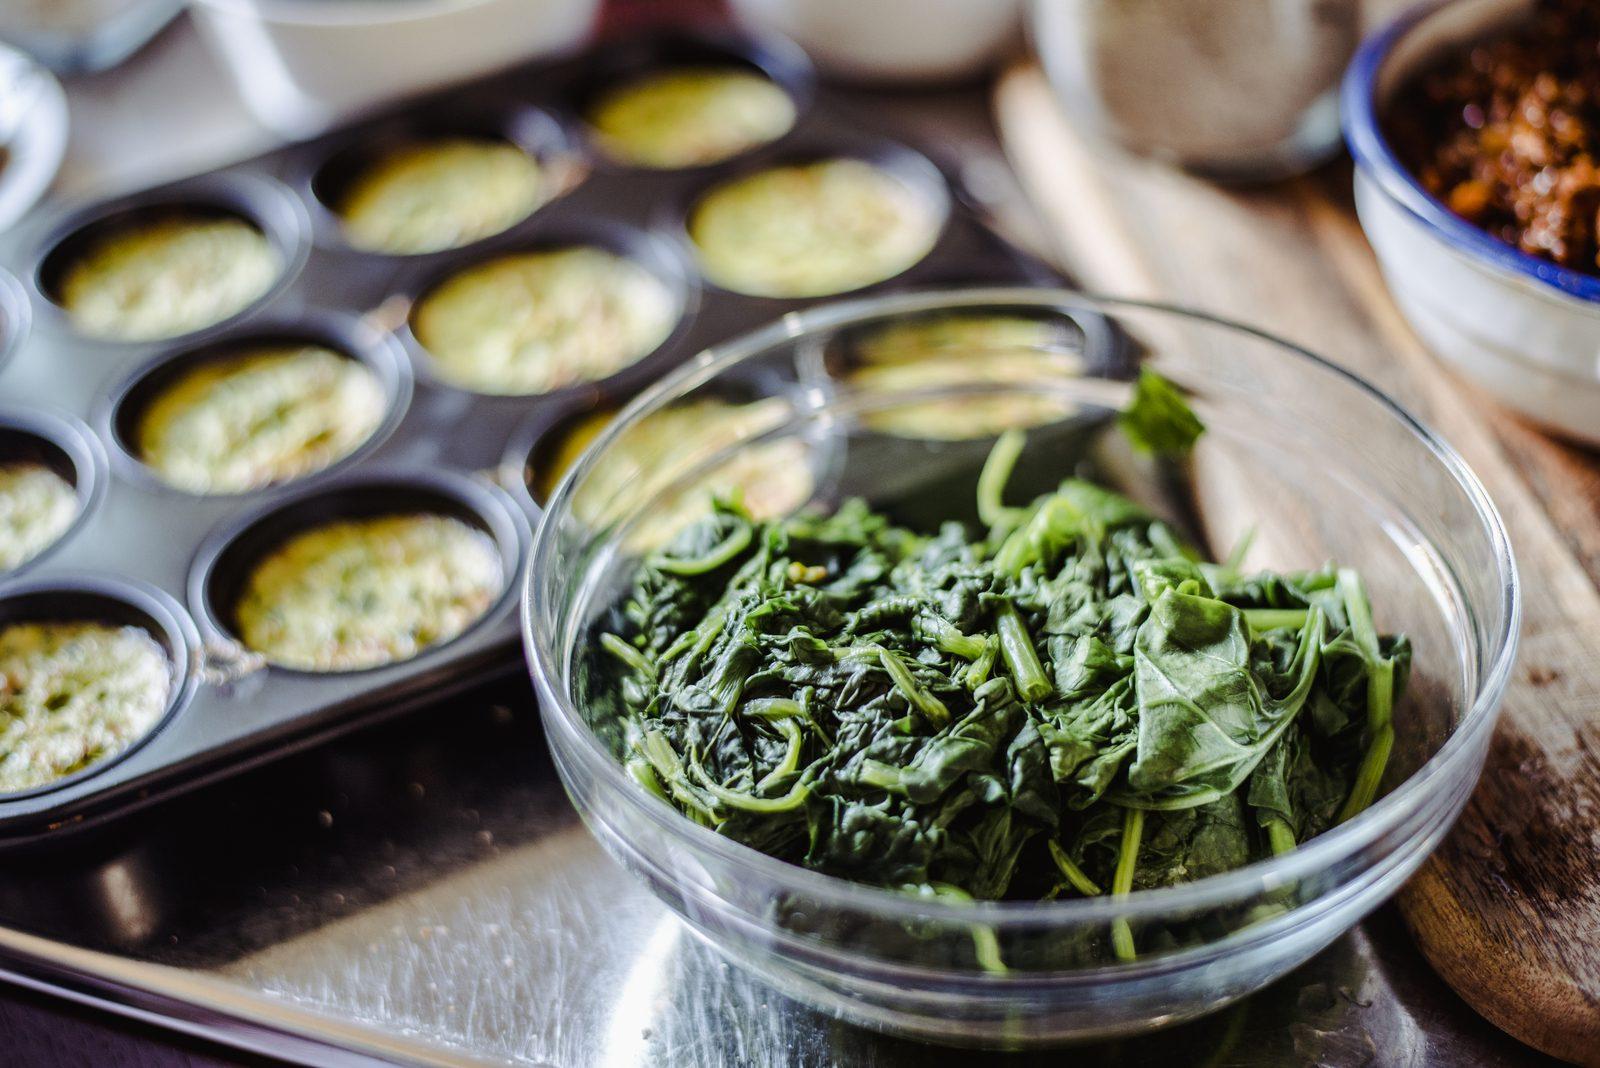 Come Organizzare I Pasti Settimanali meal prep: come organizzare i pasti della settimana